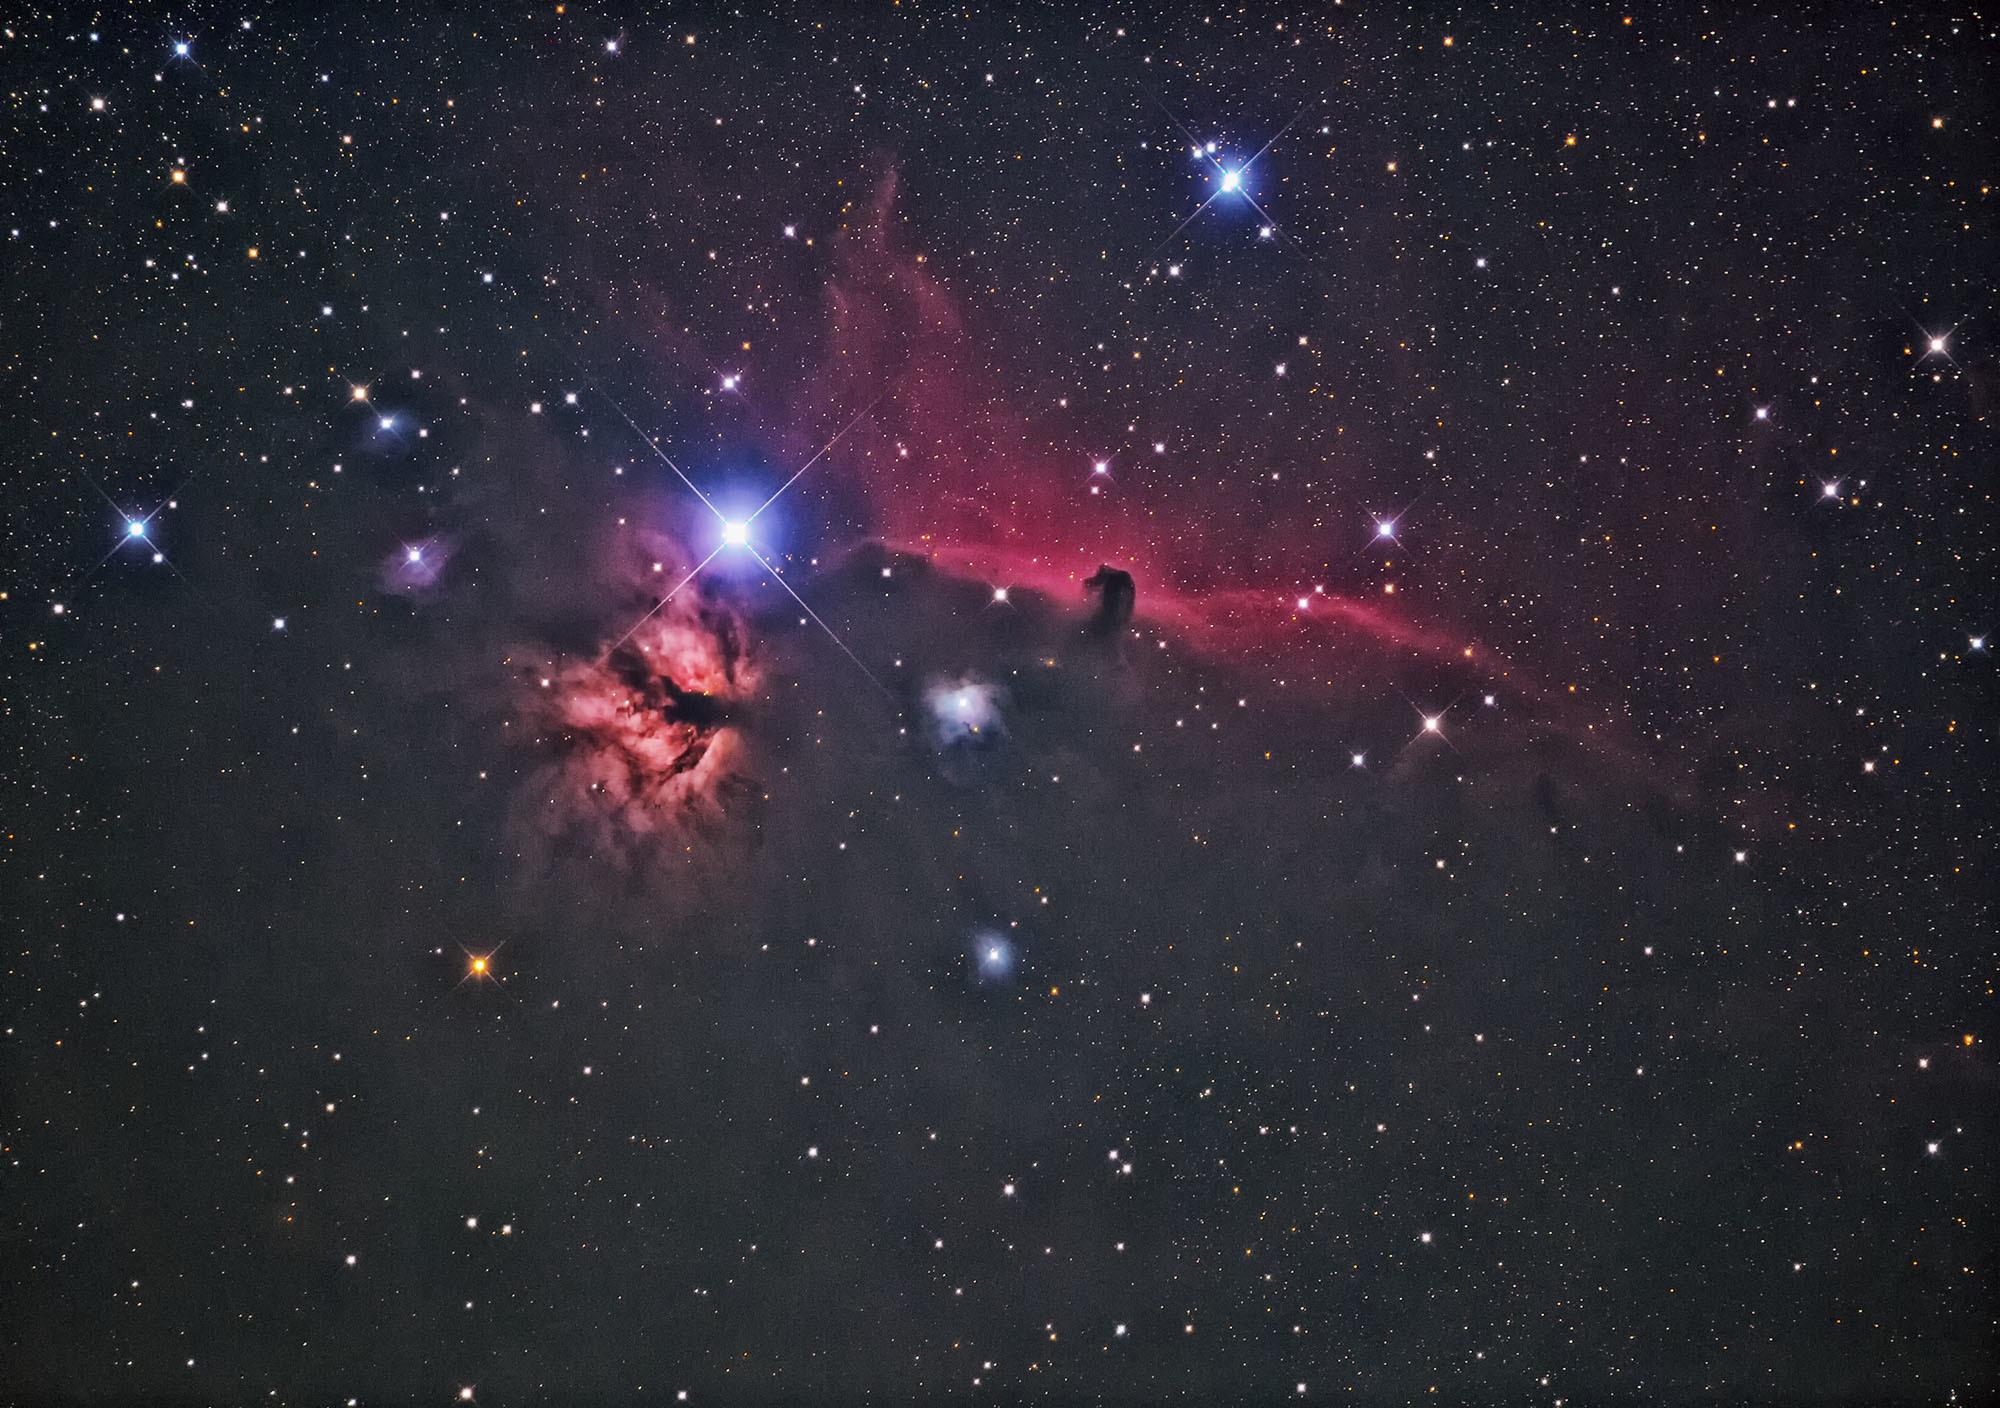 11月30日のバラ星雲.馬頭星雲再処理_e0174091_21275422.jpg